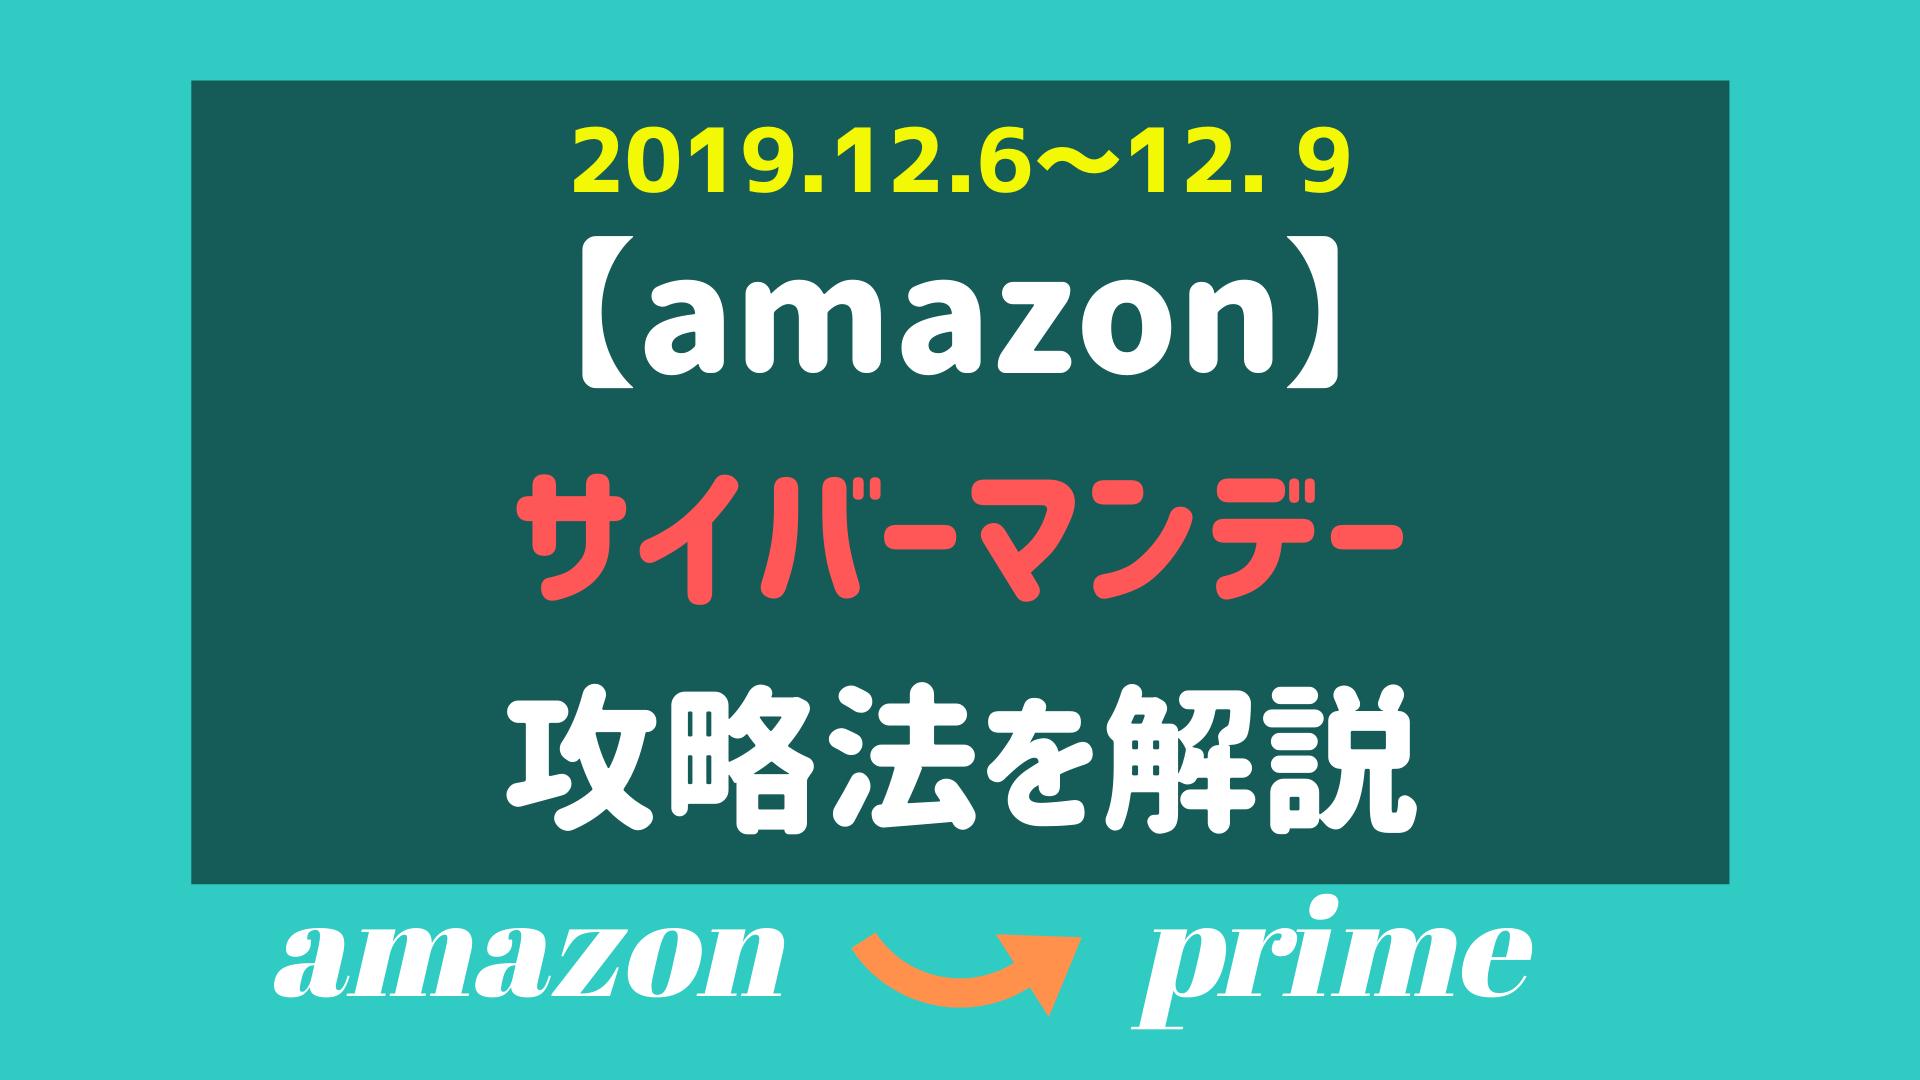 【Amazon】アマゾン 2019サイバーマンデー タイムセール&ポイントアップキャンペーン まとめ